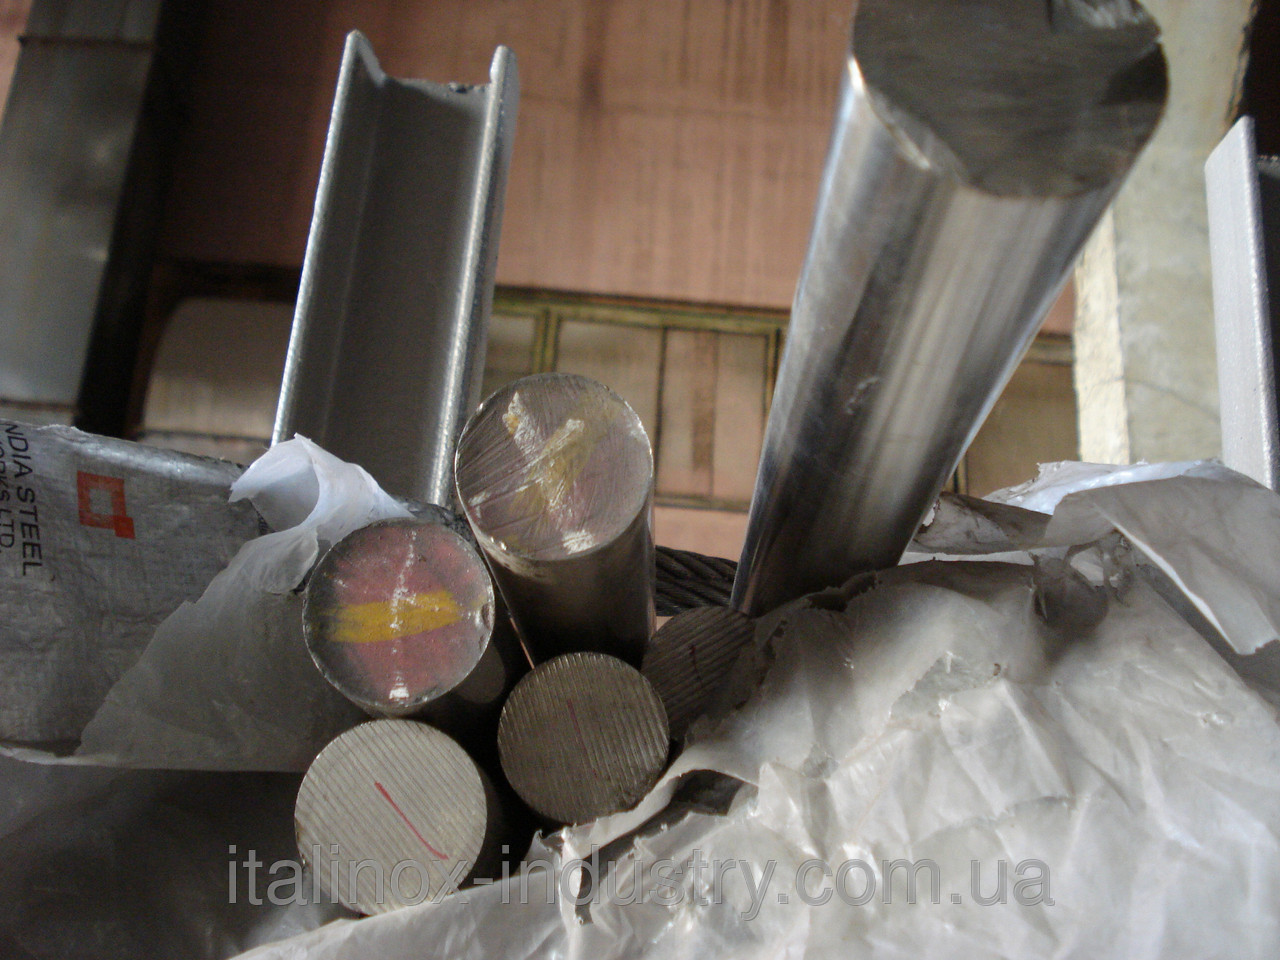 Нержавейка кислотостойкая прут AISI 316L 80,0 мм